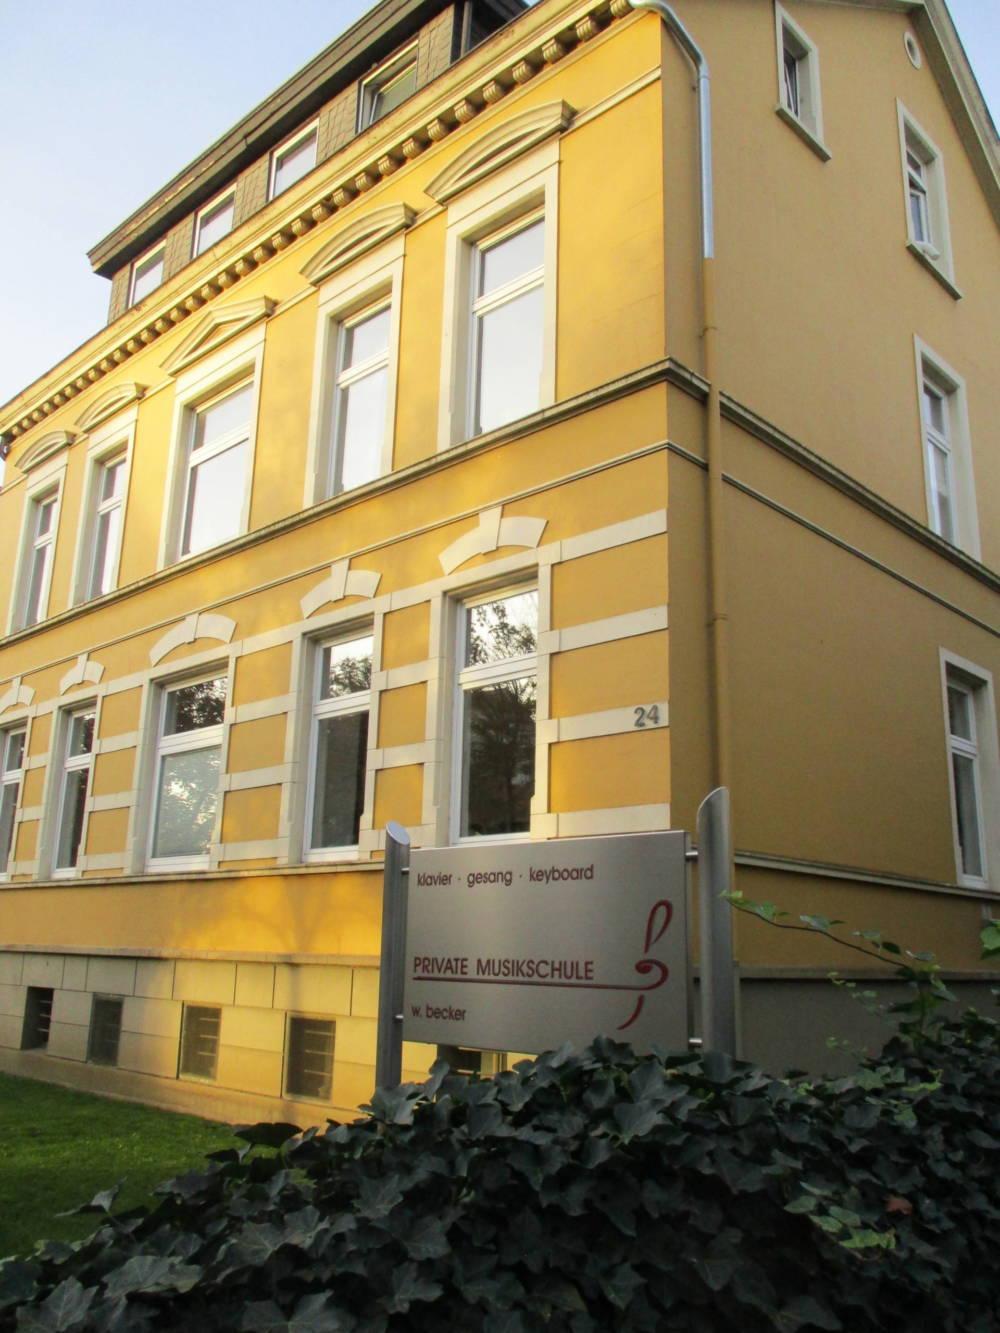 Musikschule Becker Minden